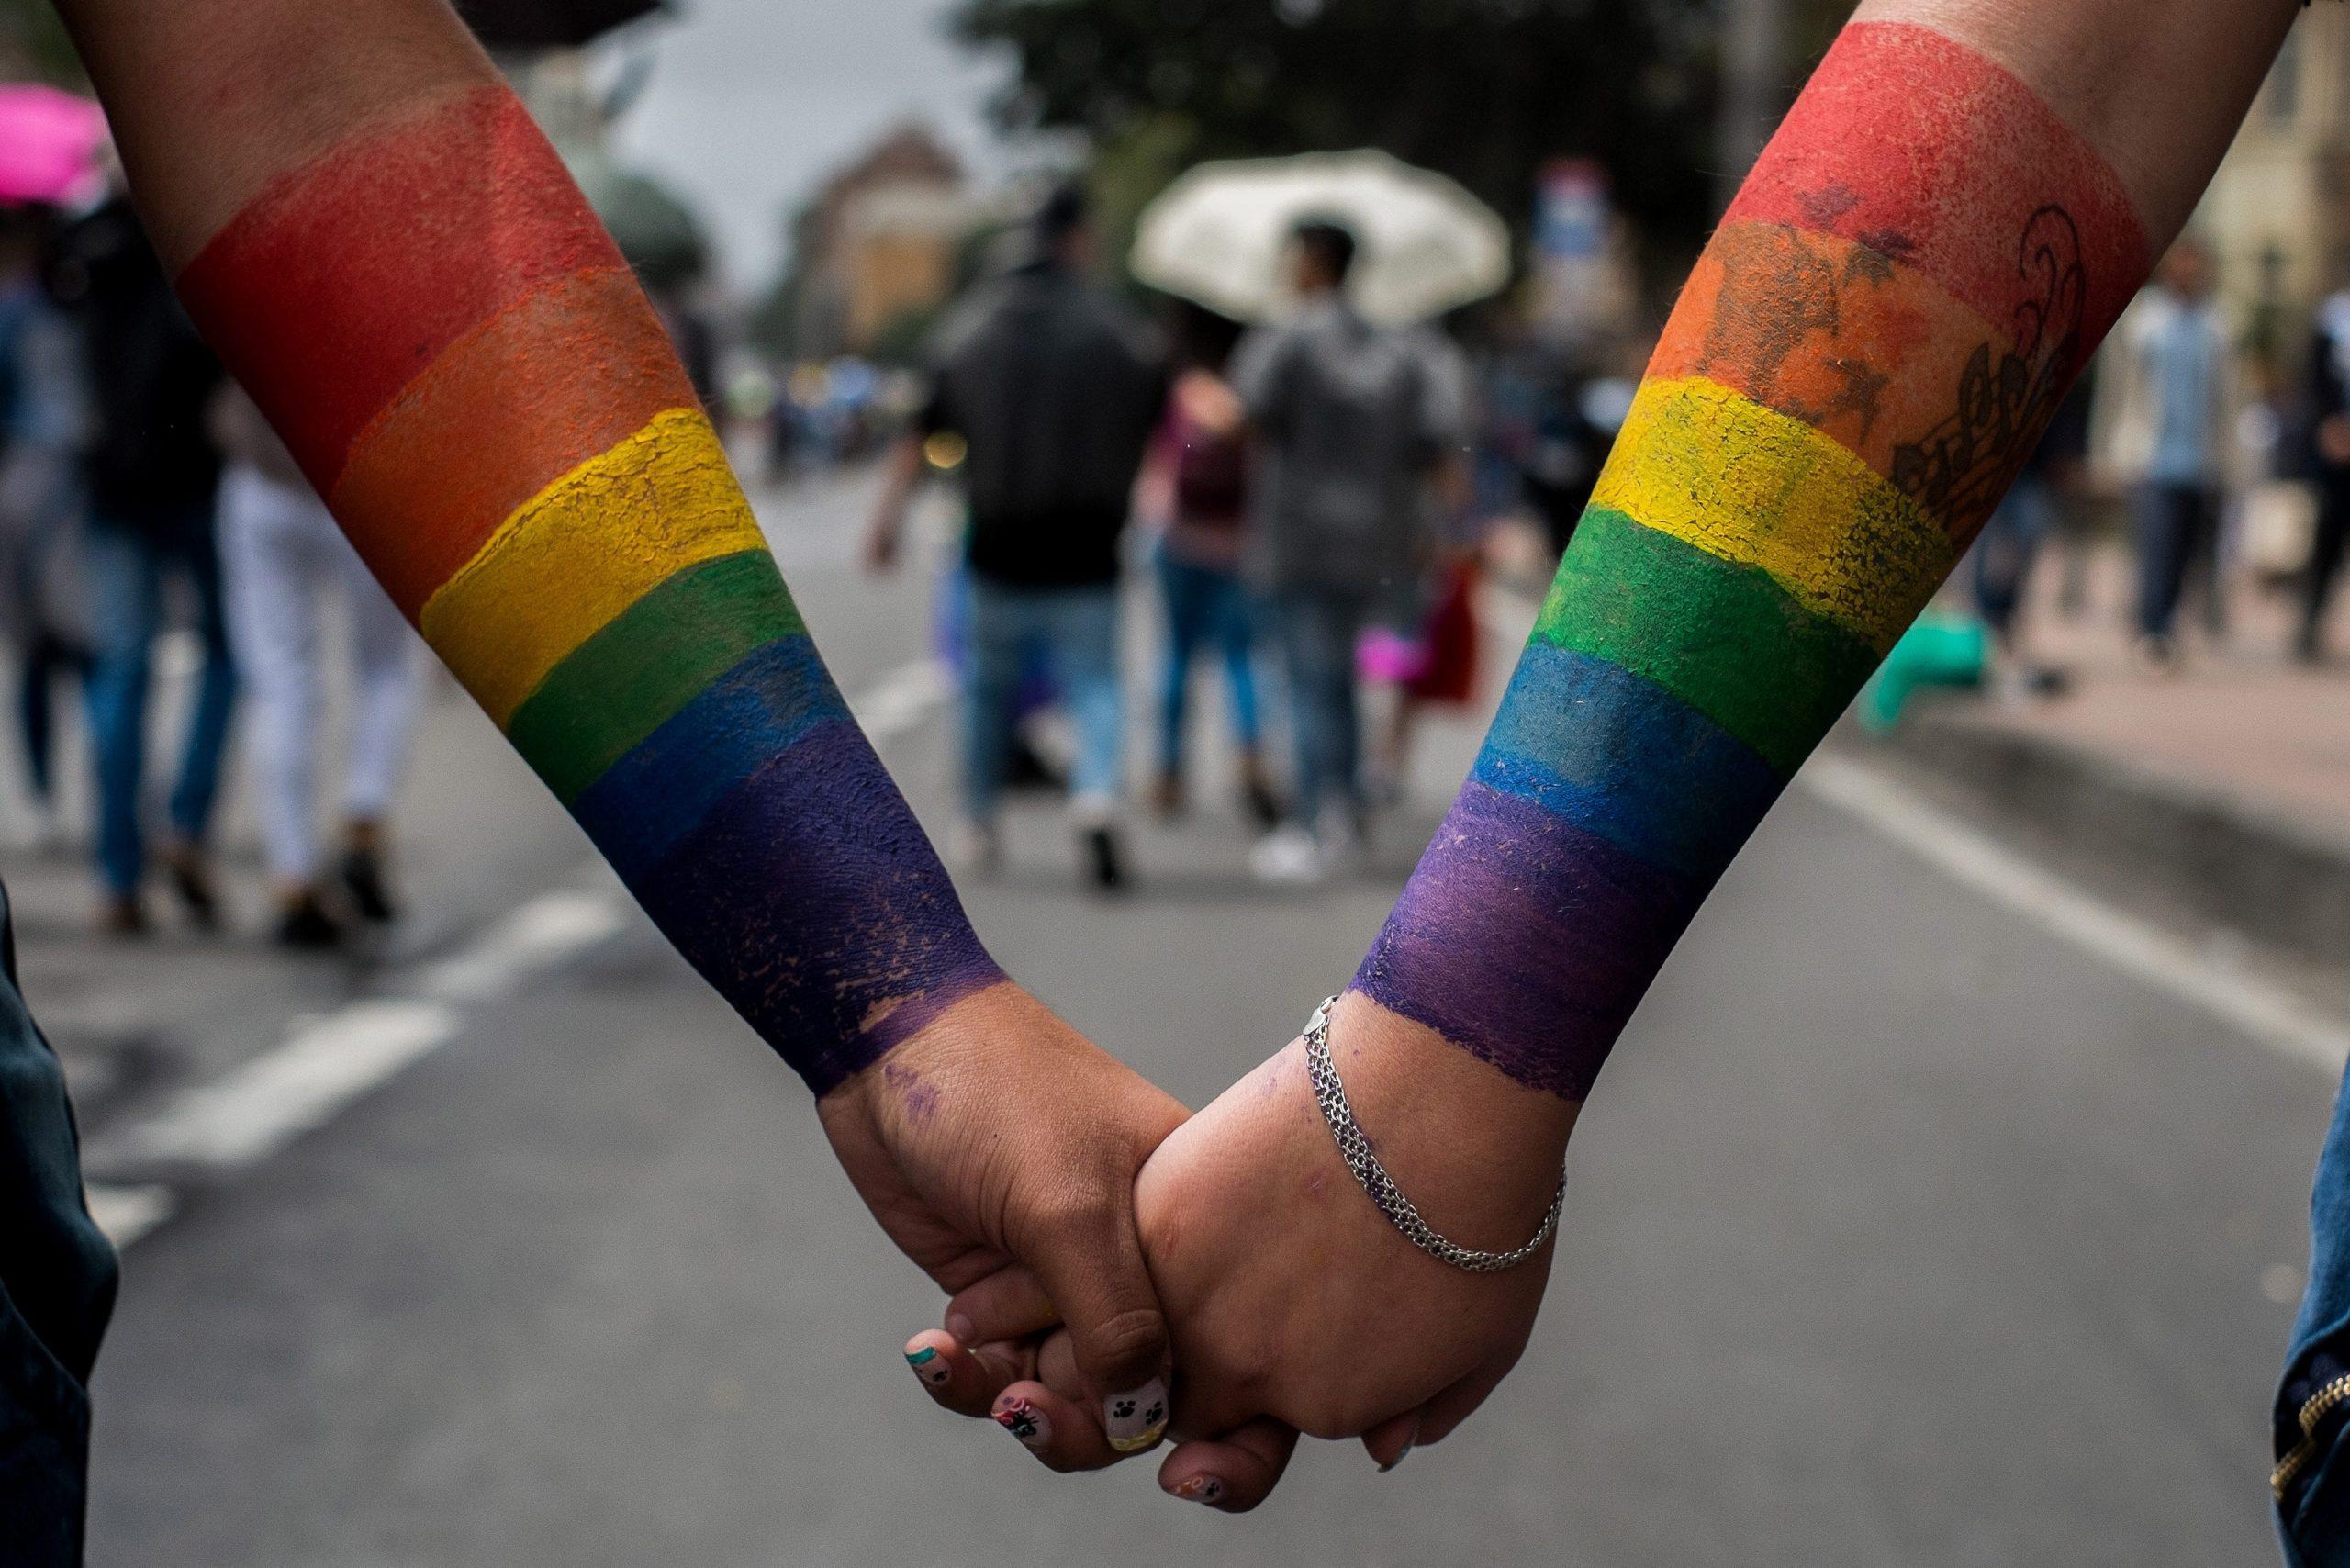 Primăria Capitalei și-a pus în cap comunitatea LGBTQ după refuzul privind parada anuală din 14 august. Ieri a fost un marș în Capitală în semn de protest. PMB propune un nou dialog